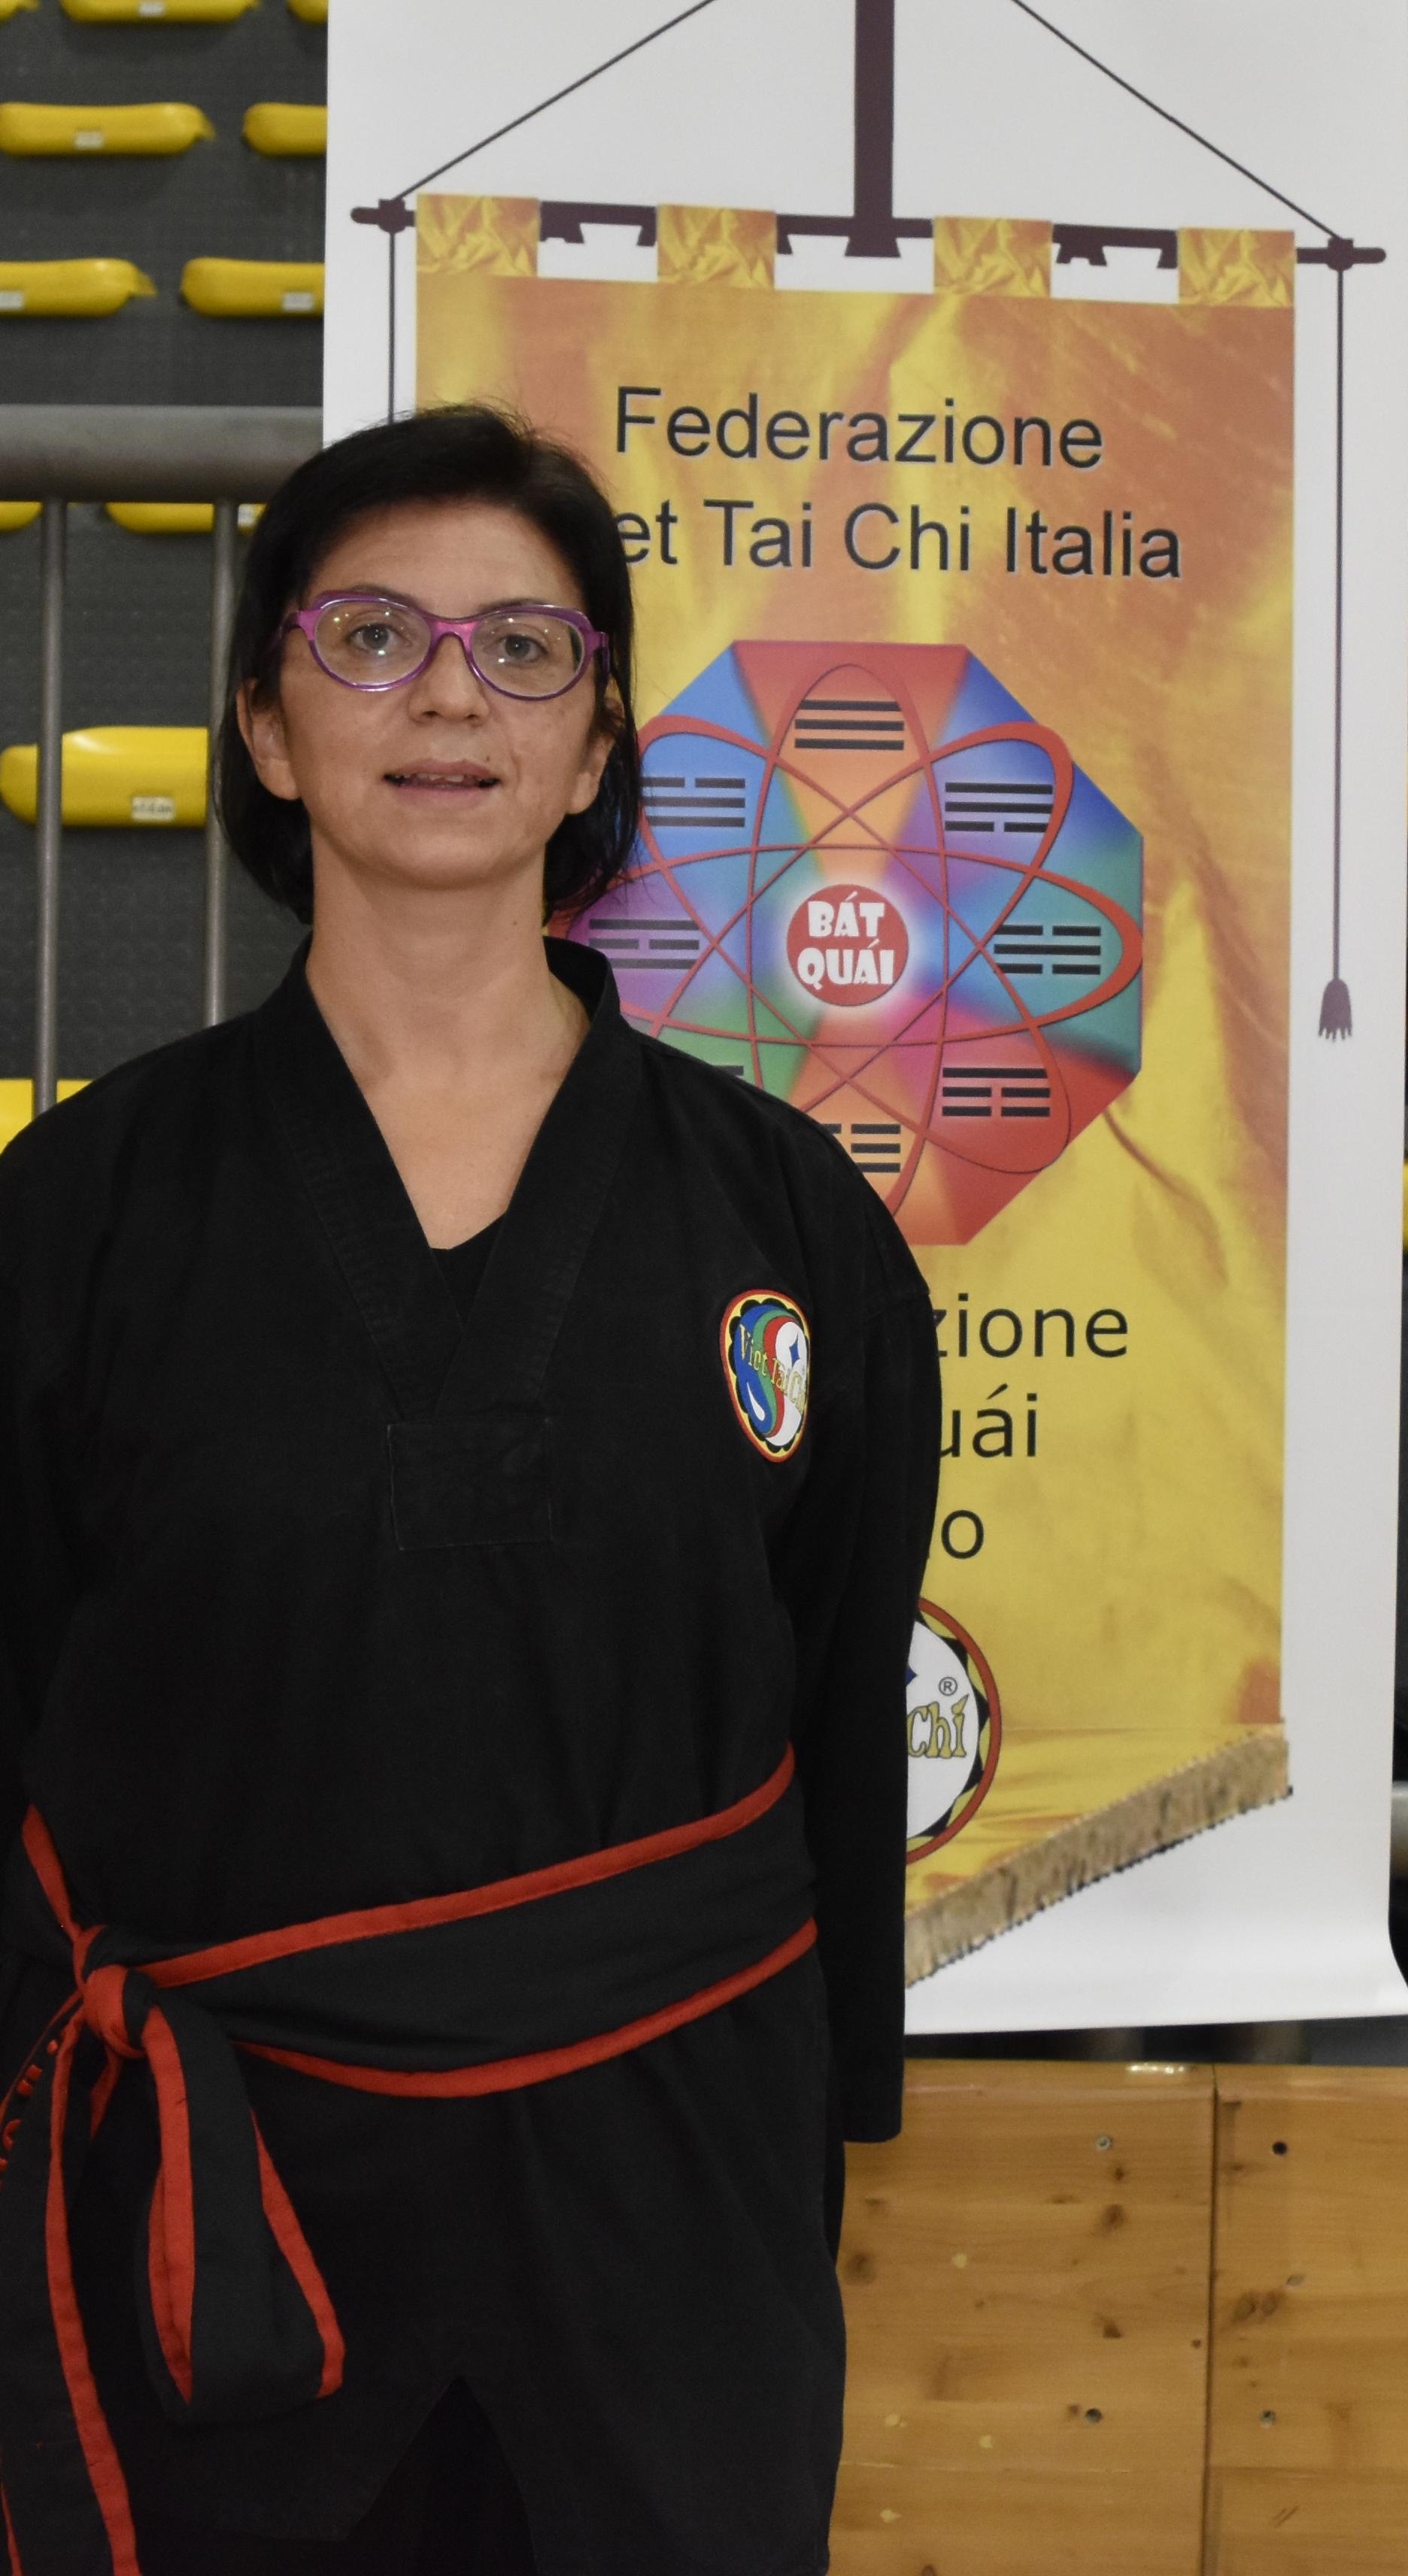 Elisabetta Carnero Istruttrice Centro Bat Quai